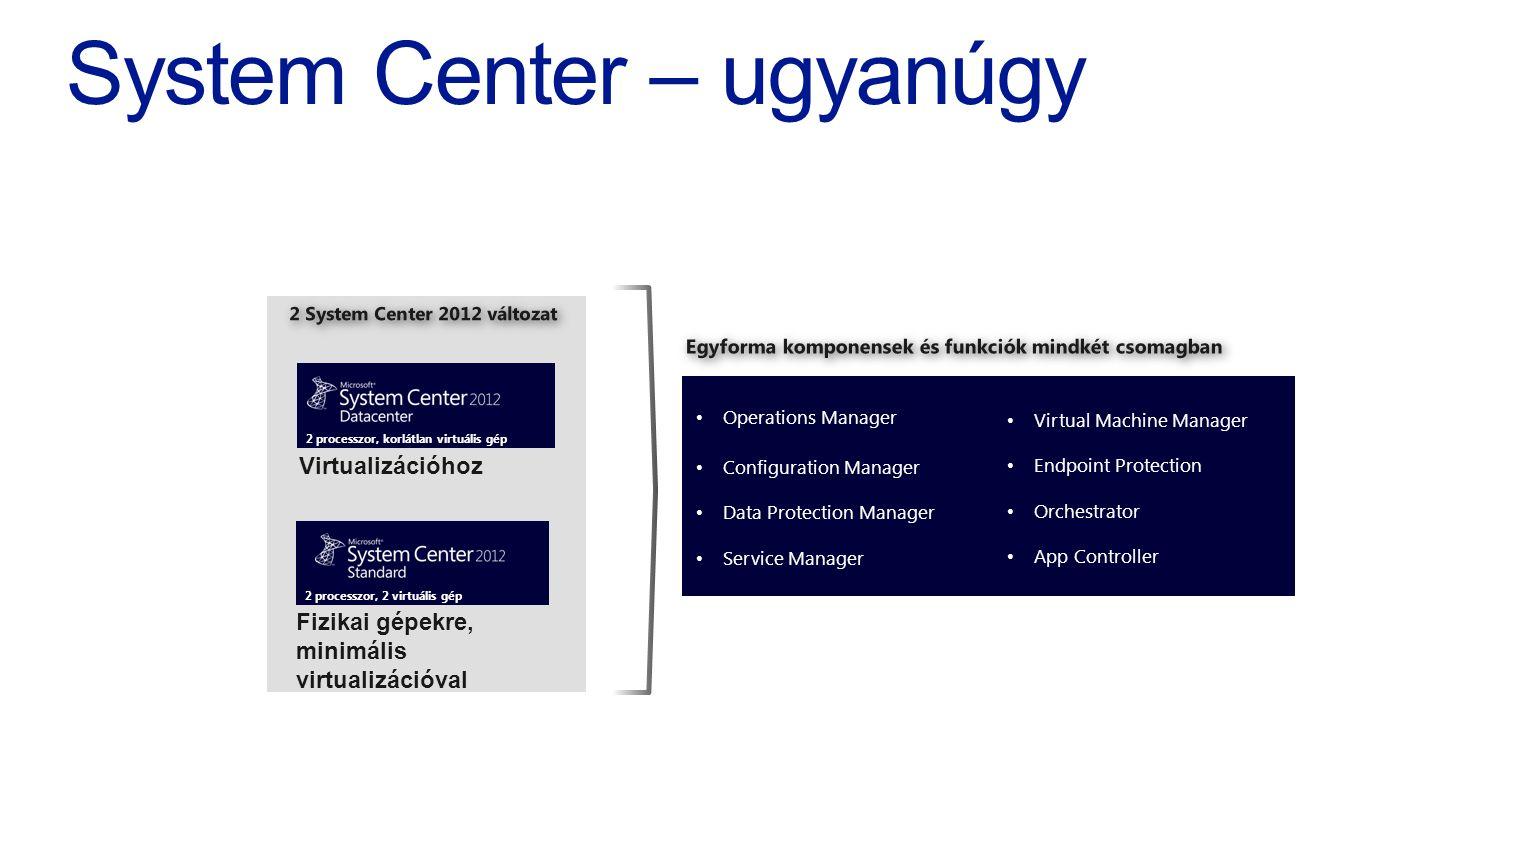 System Center – ugyanúgy